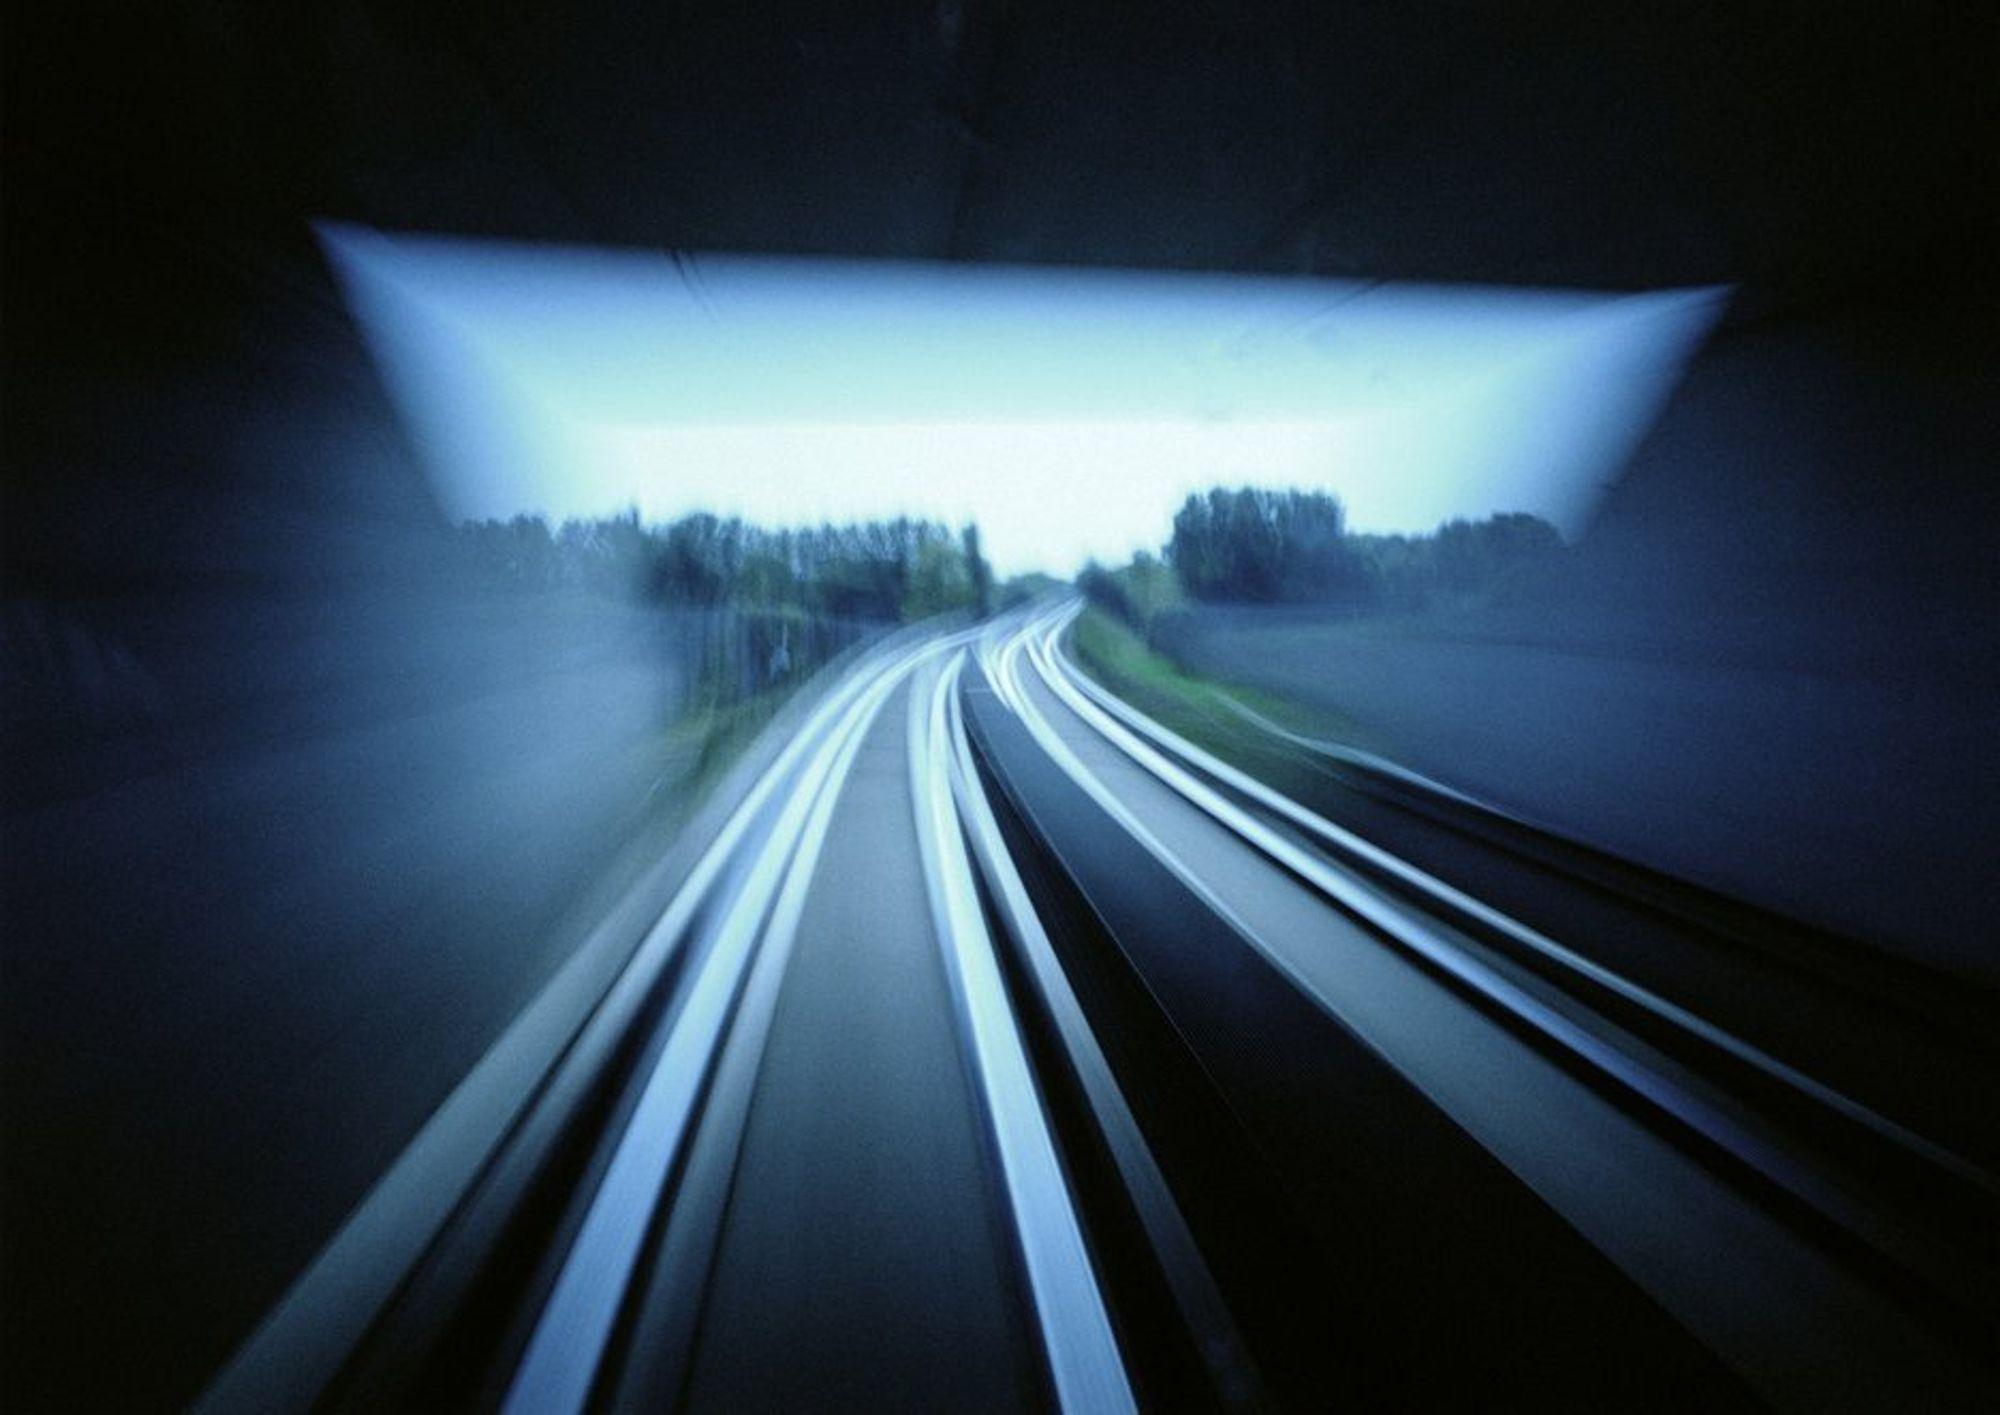 TESTEN: Statsbudsjettet for 2011 blir testen på om regjeringen vil få til satsing på jernbane, mener Natur og Ungdom